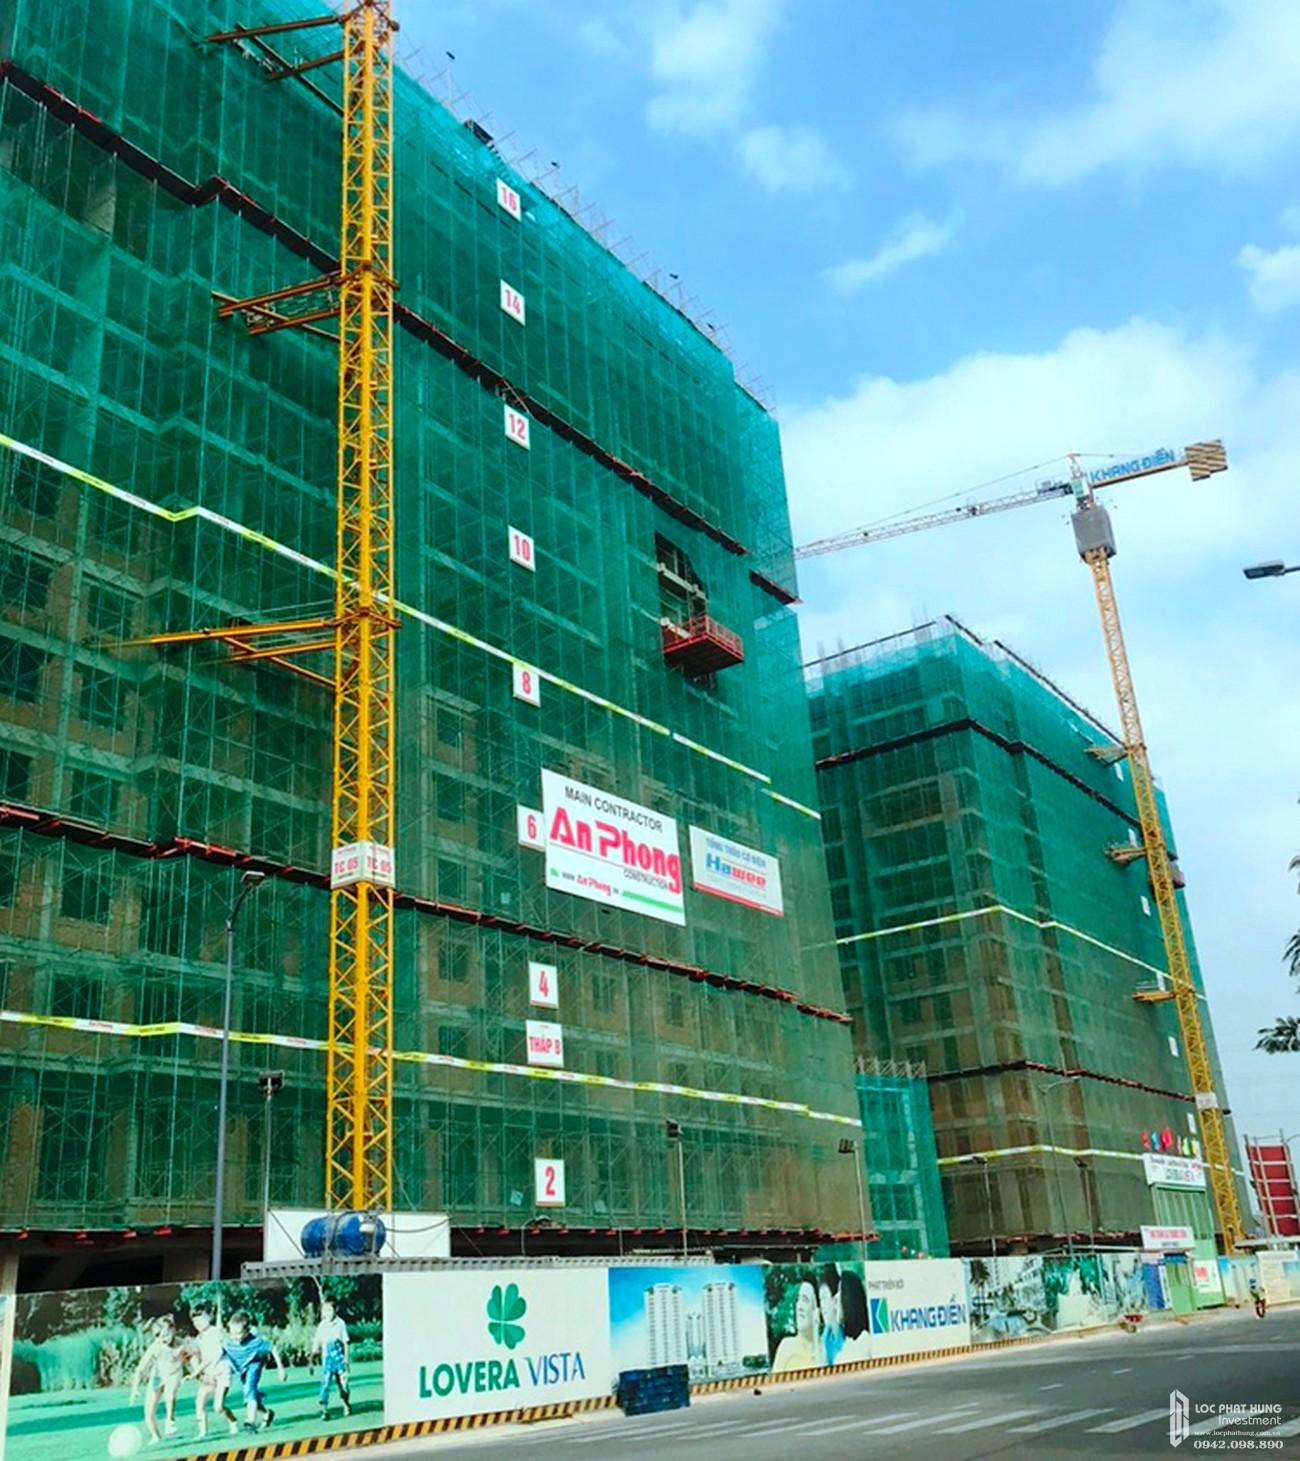 Tiến độ xây dựng dự án Lovera Vista tháng 03/2020 – Nhận ký gửi mua bán + cho thuê